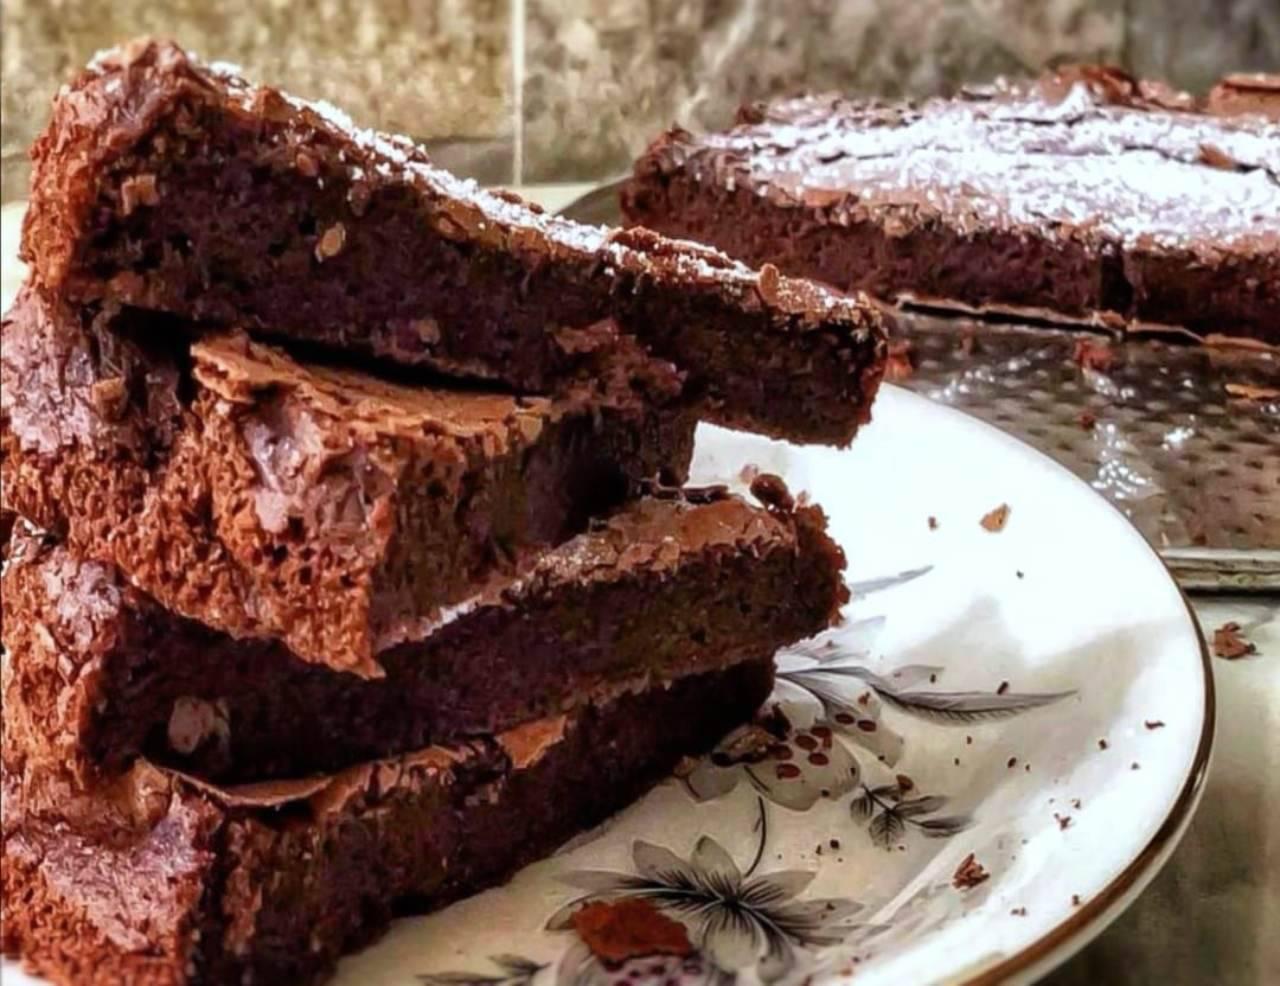 Torta al cioccolato, croccante fuori e cremosa dentro: pronta in 10 minuti